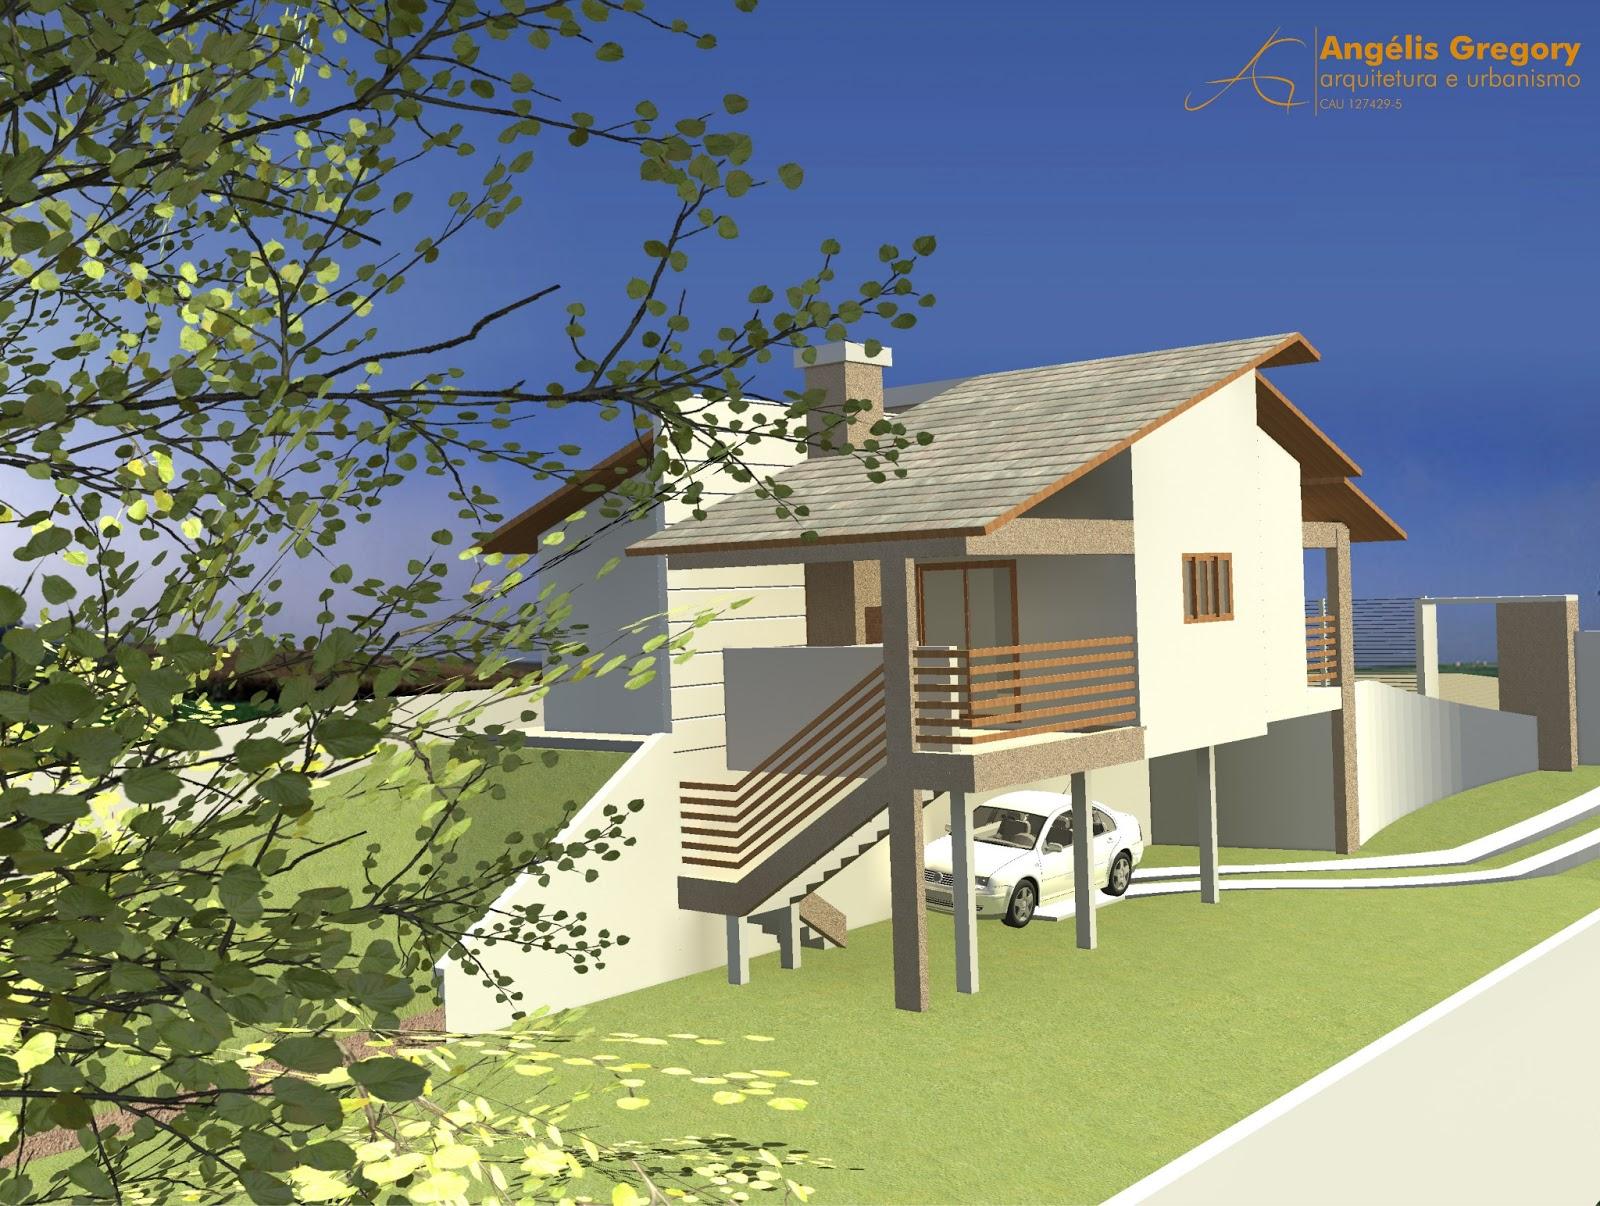 Urbanismo: Projetos para Minha Casa Minha Vida do Governo Federal #90893B 1600 1206